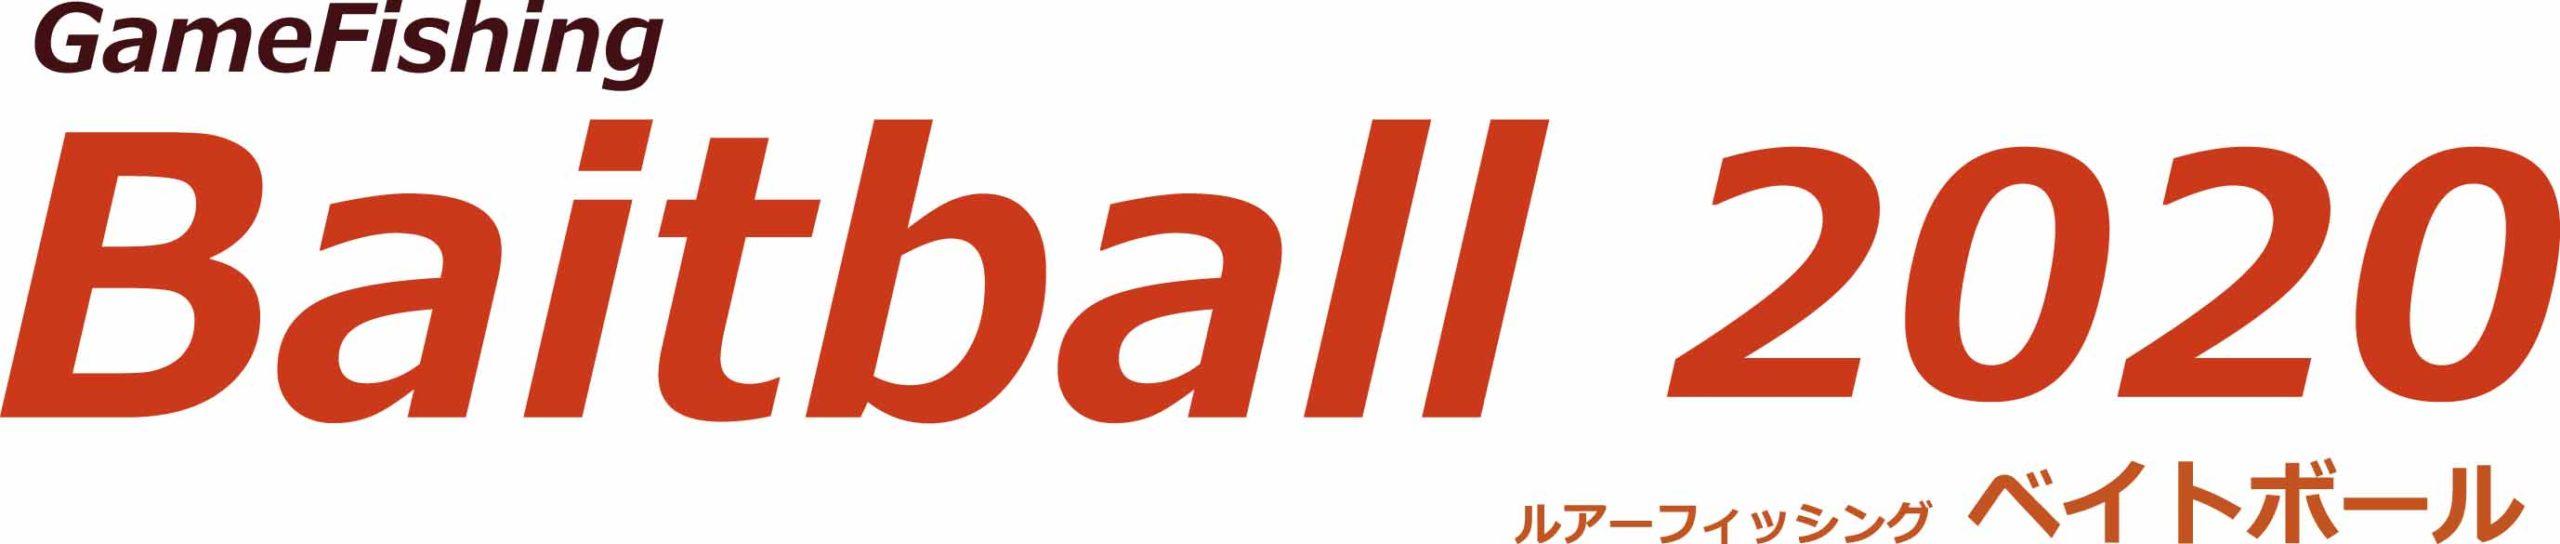 Gamefishing  Baitball